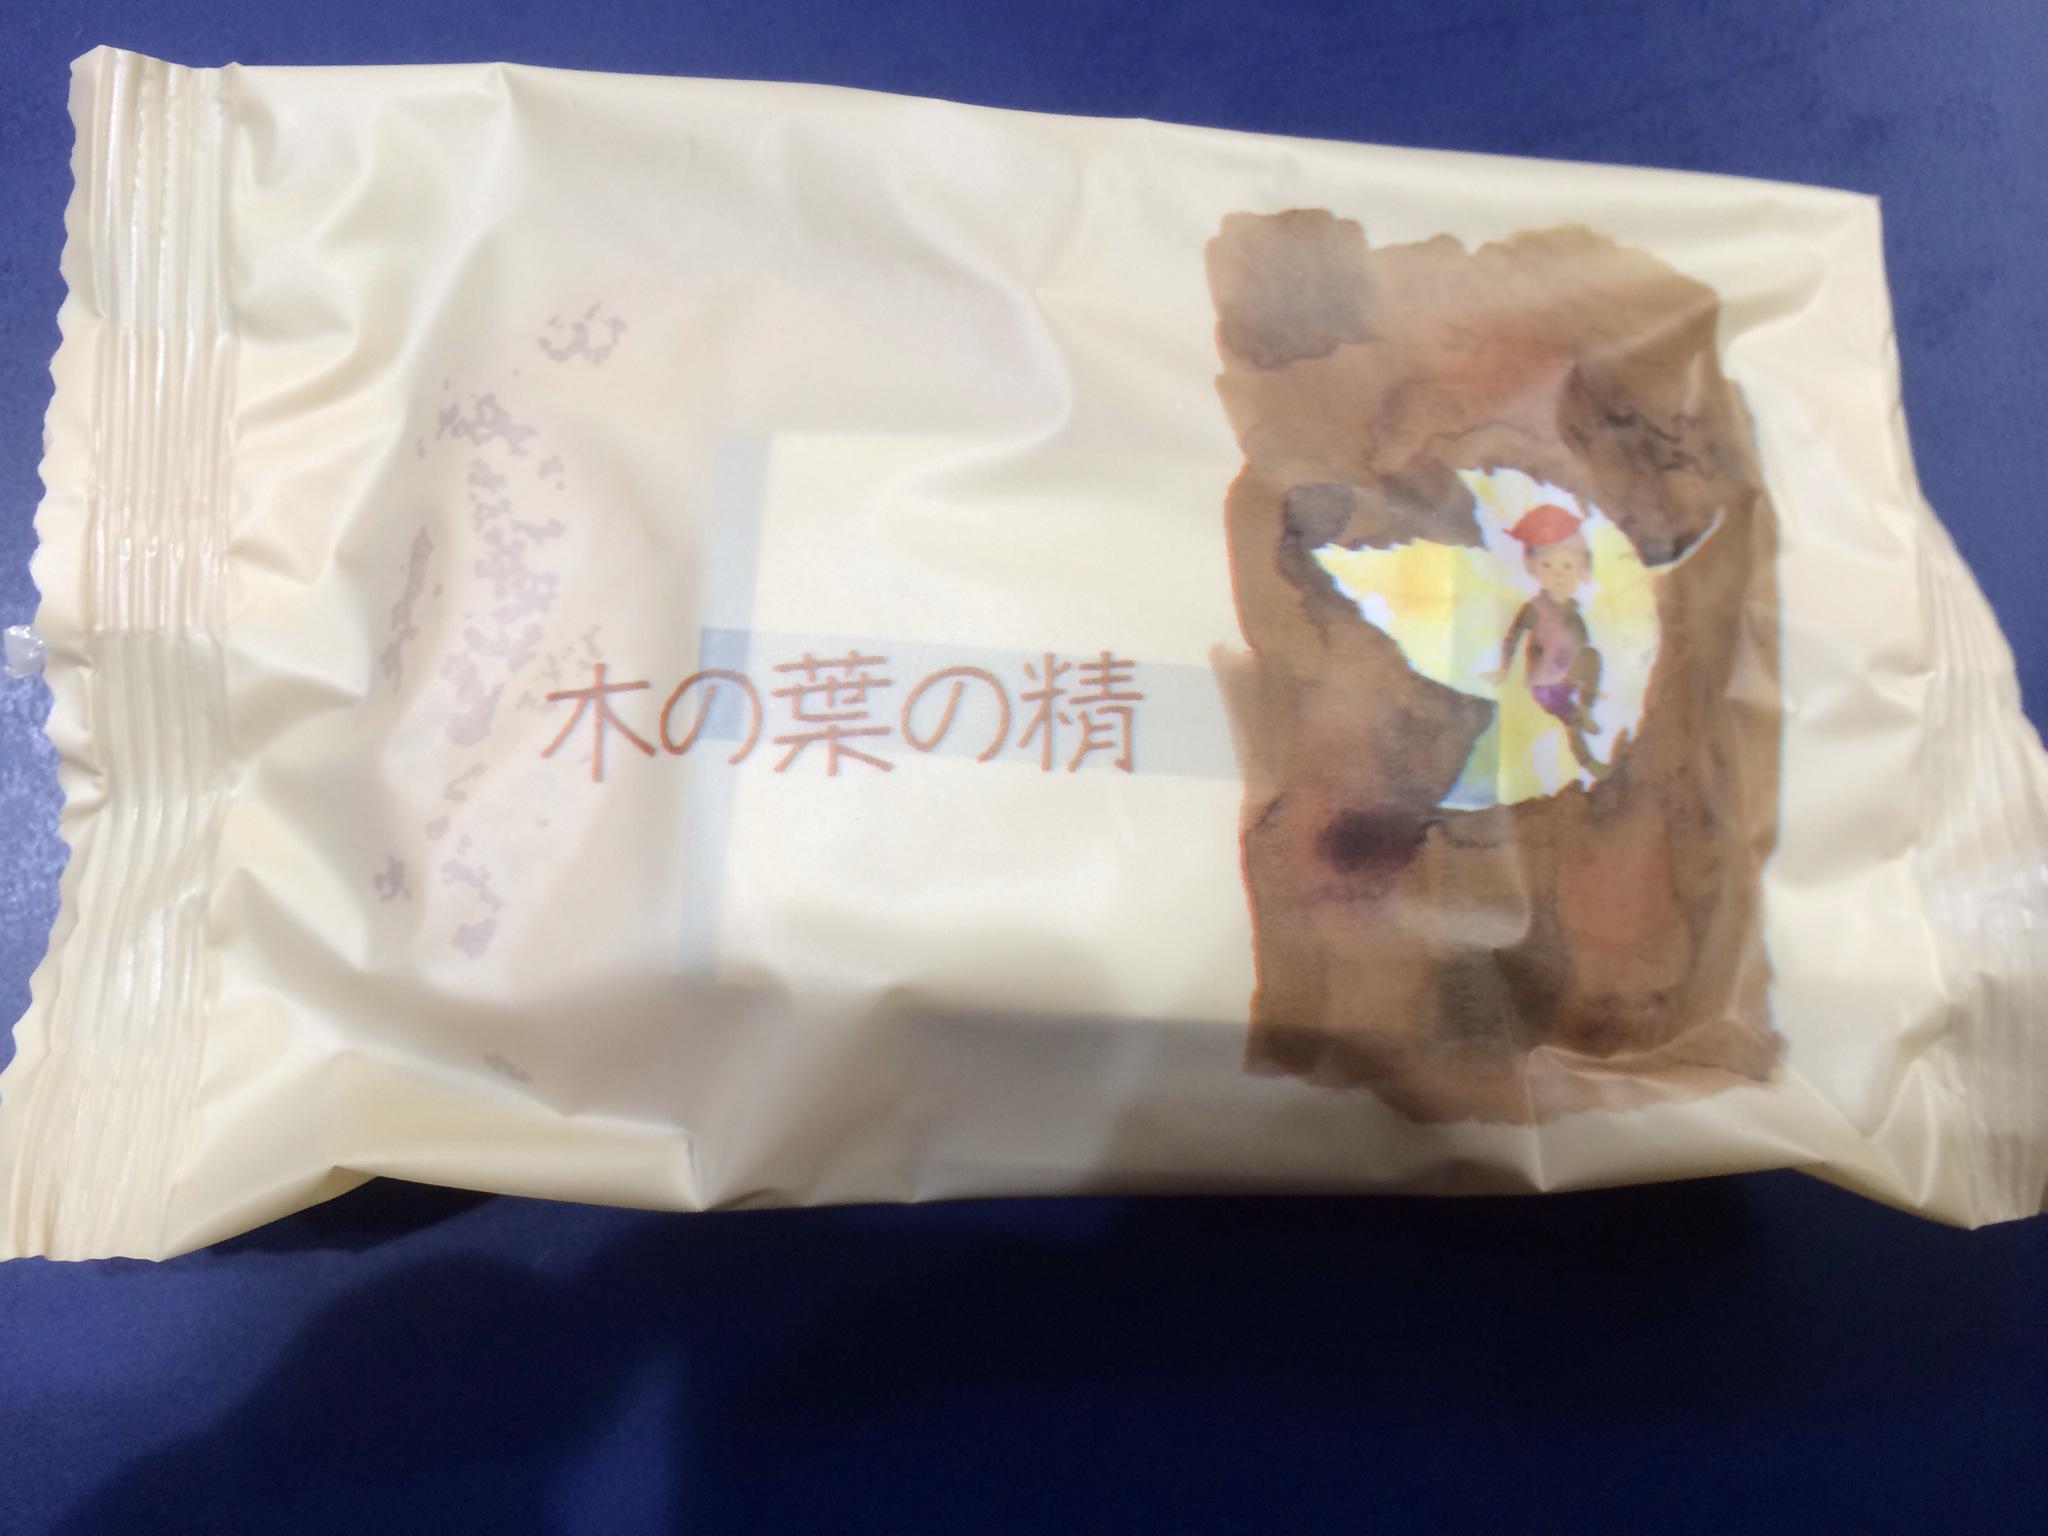 開運堂のお菓子!木の葉の精!!!!!!!!!